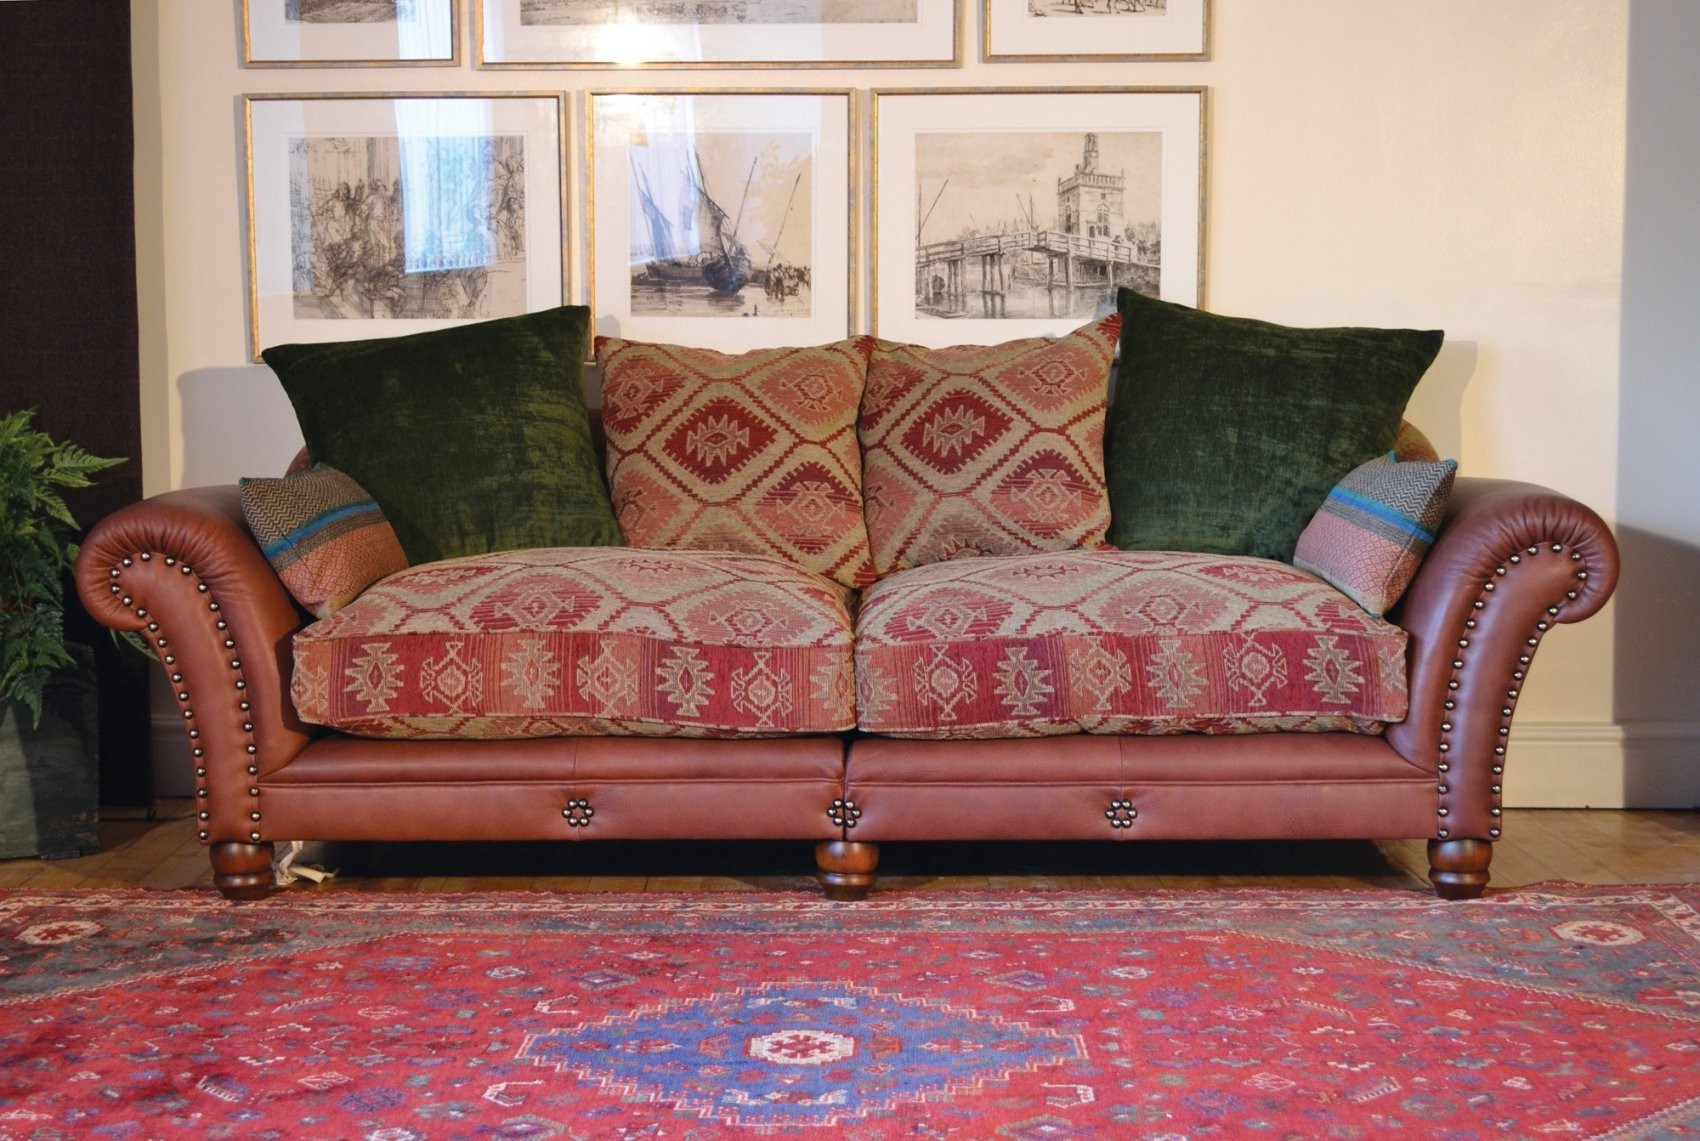 Sofa Ideen Atemberaubend Sofa Landhausstil Gebraucht Liebreizend von Sofa Landhausstil Gebraucht Bild